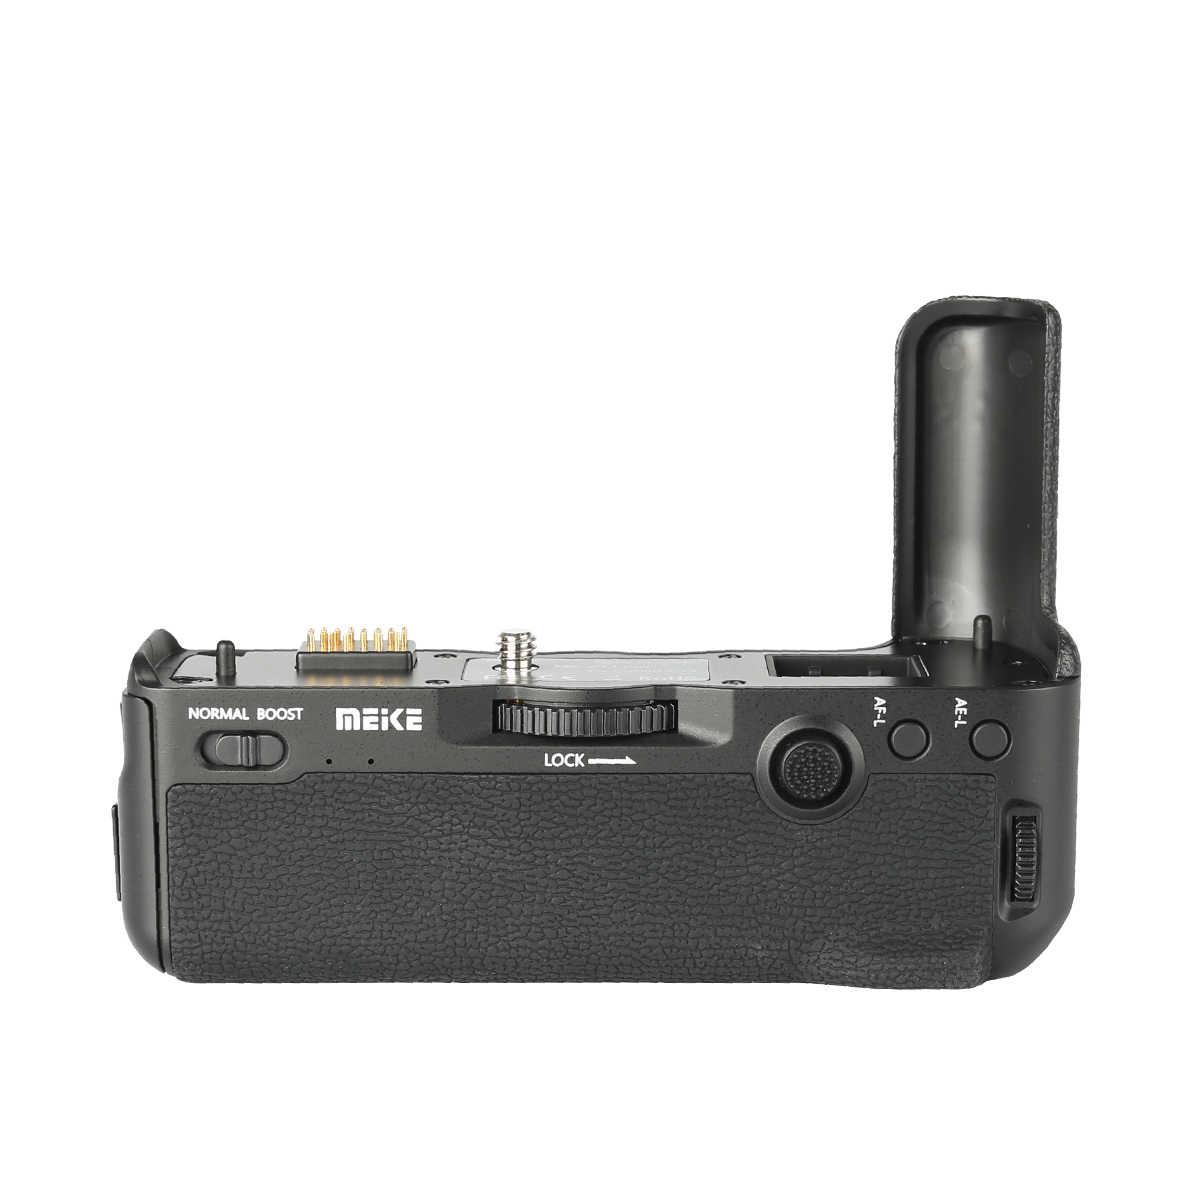 Meike X-T3 Pro камера ручка с 2,4G беспроводной пульт дистанционного управления для Fujifilm X-T3 камера батарея ручка вертикальная